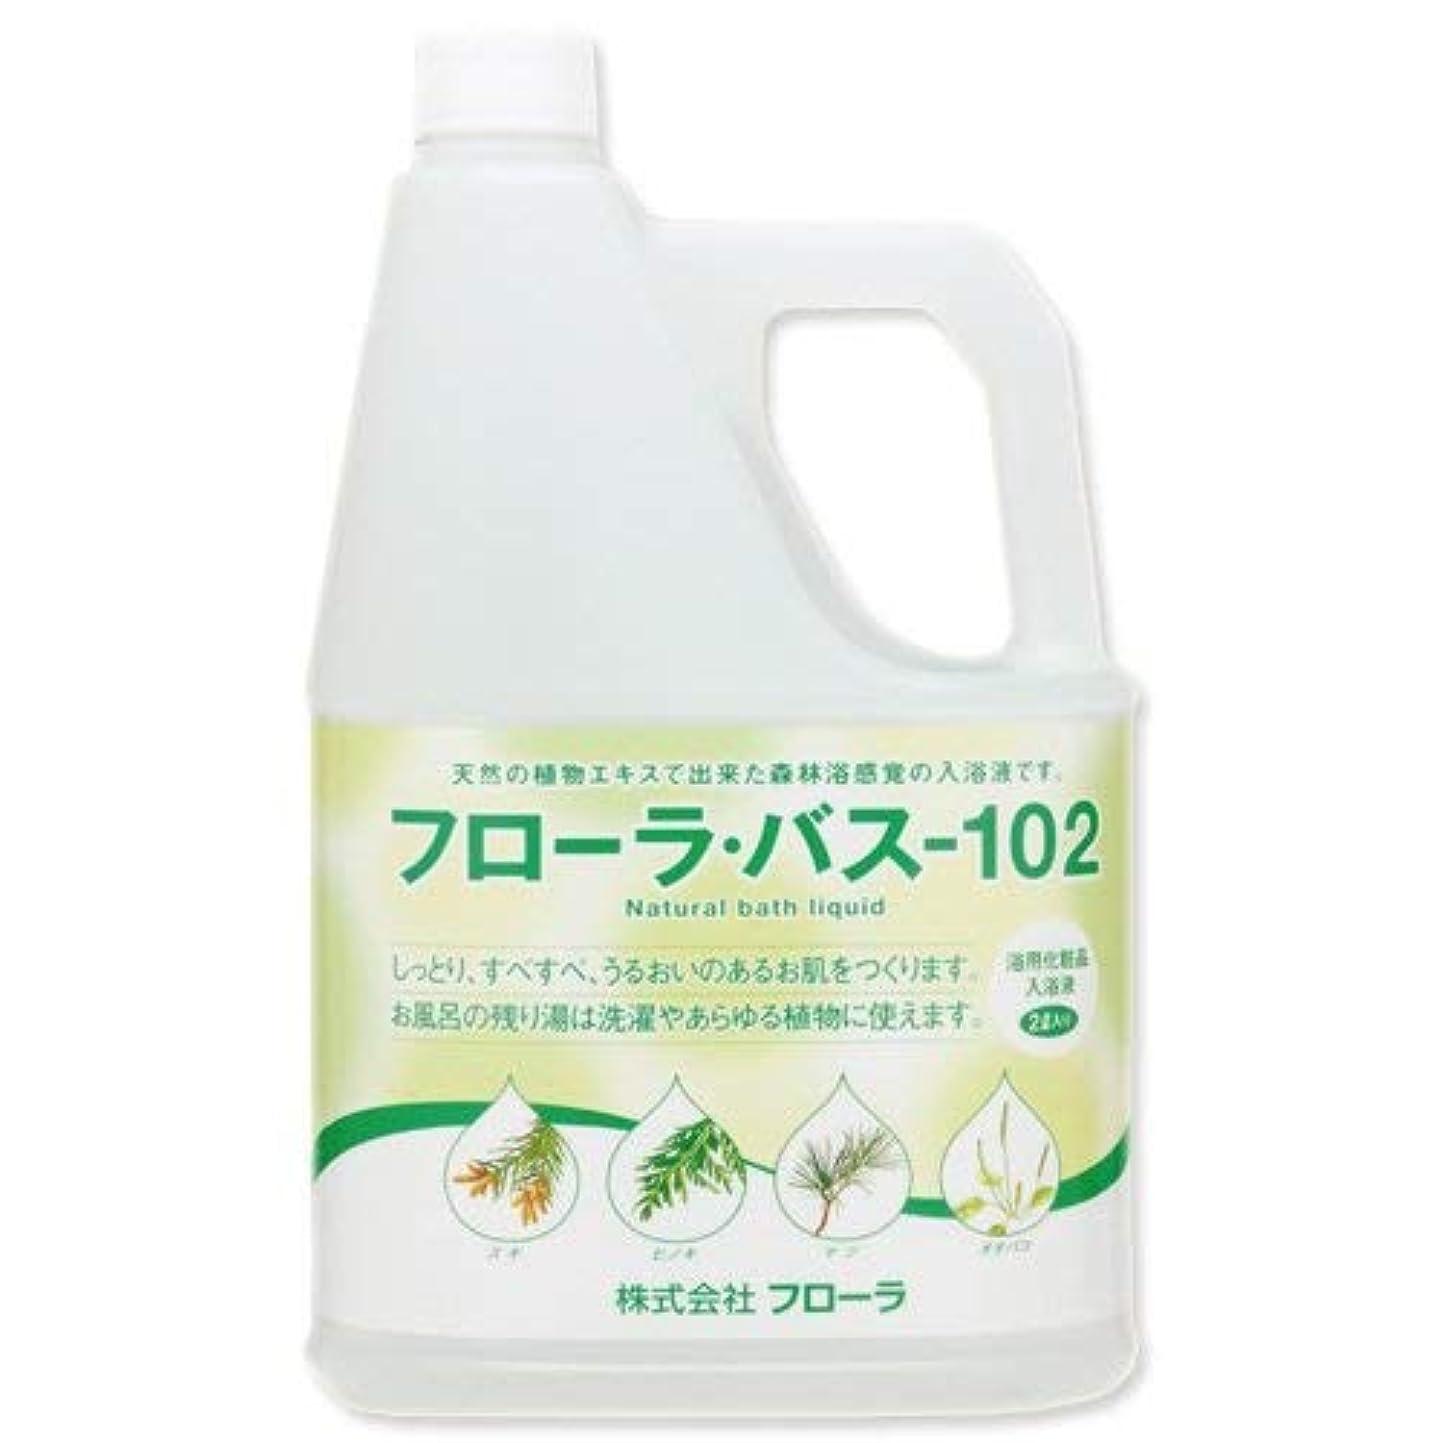 キャンベラ弓クロス浴用化粧品 入浴液 フローラ?バス-102  2L